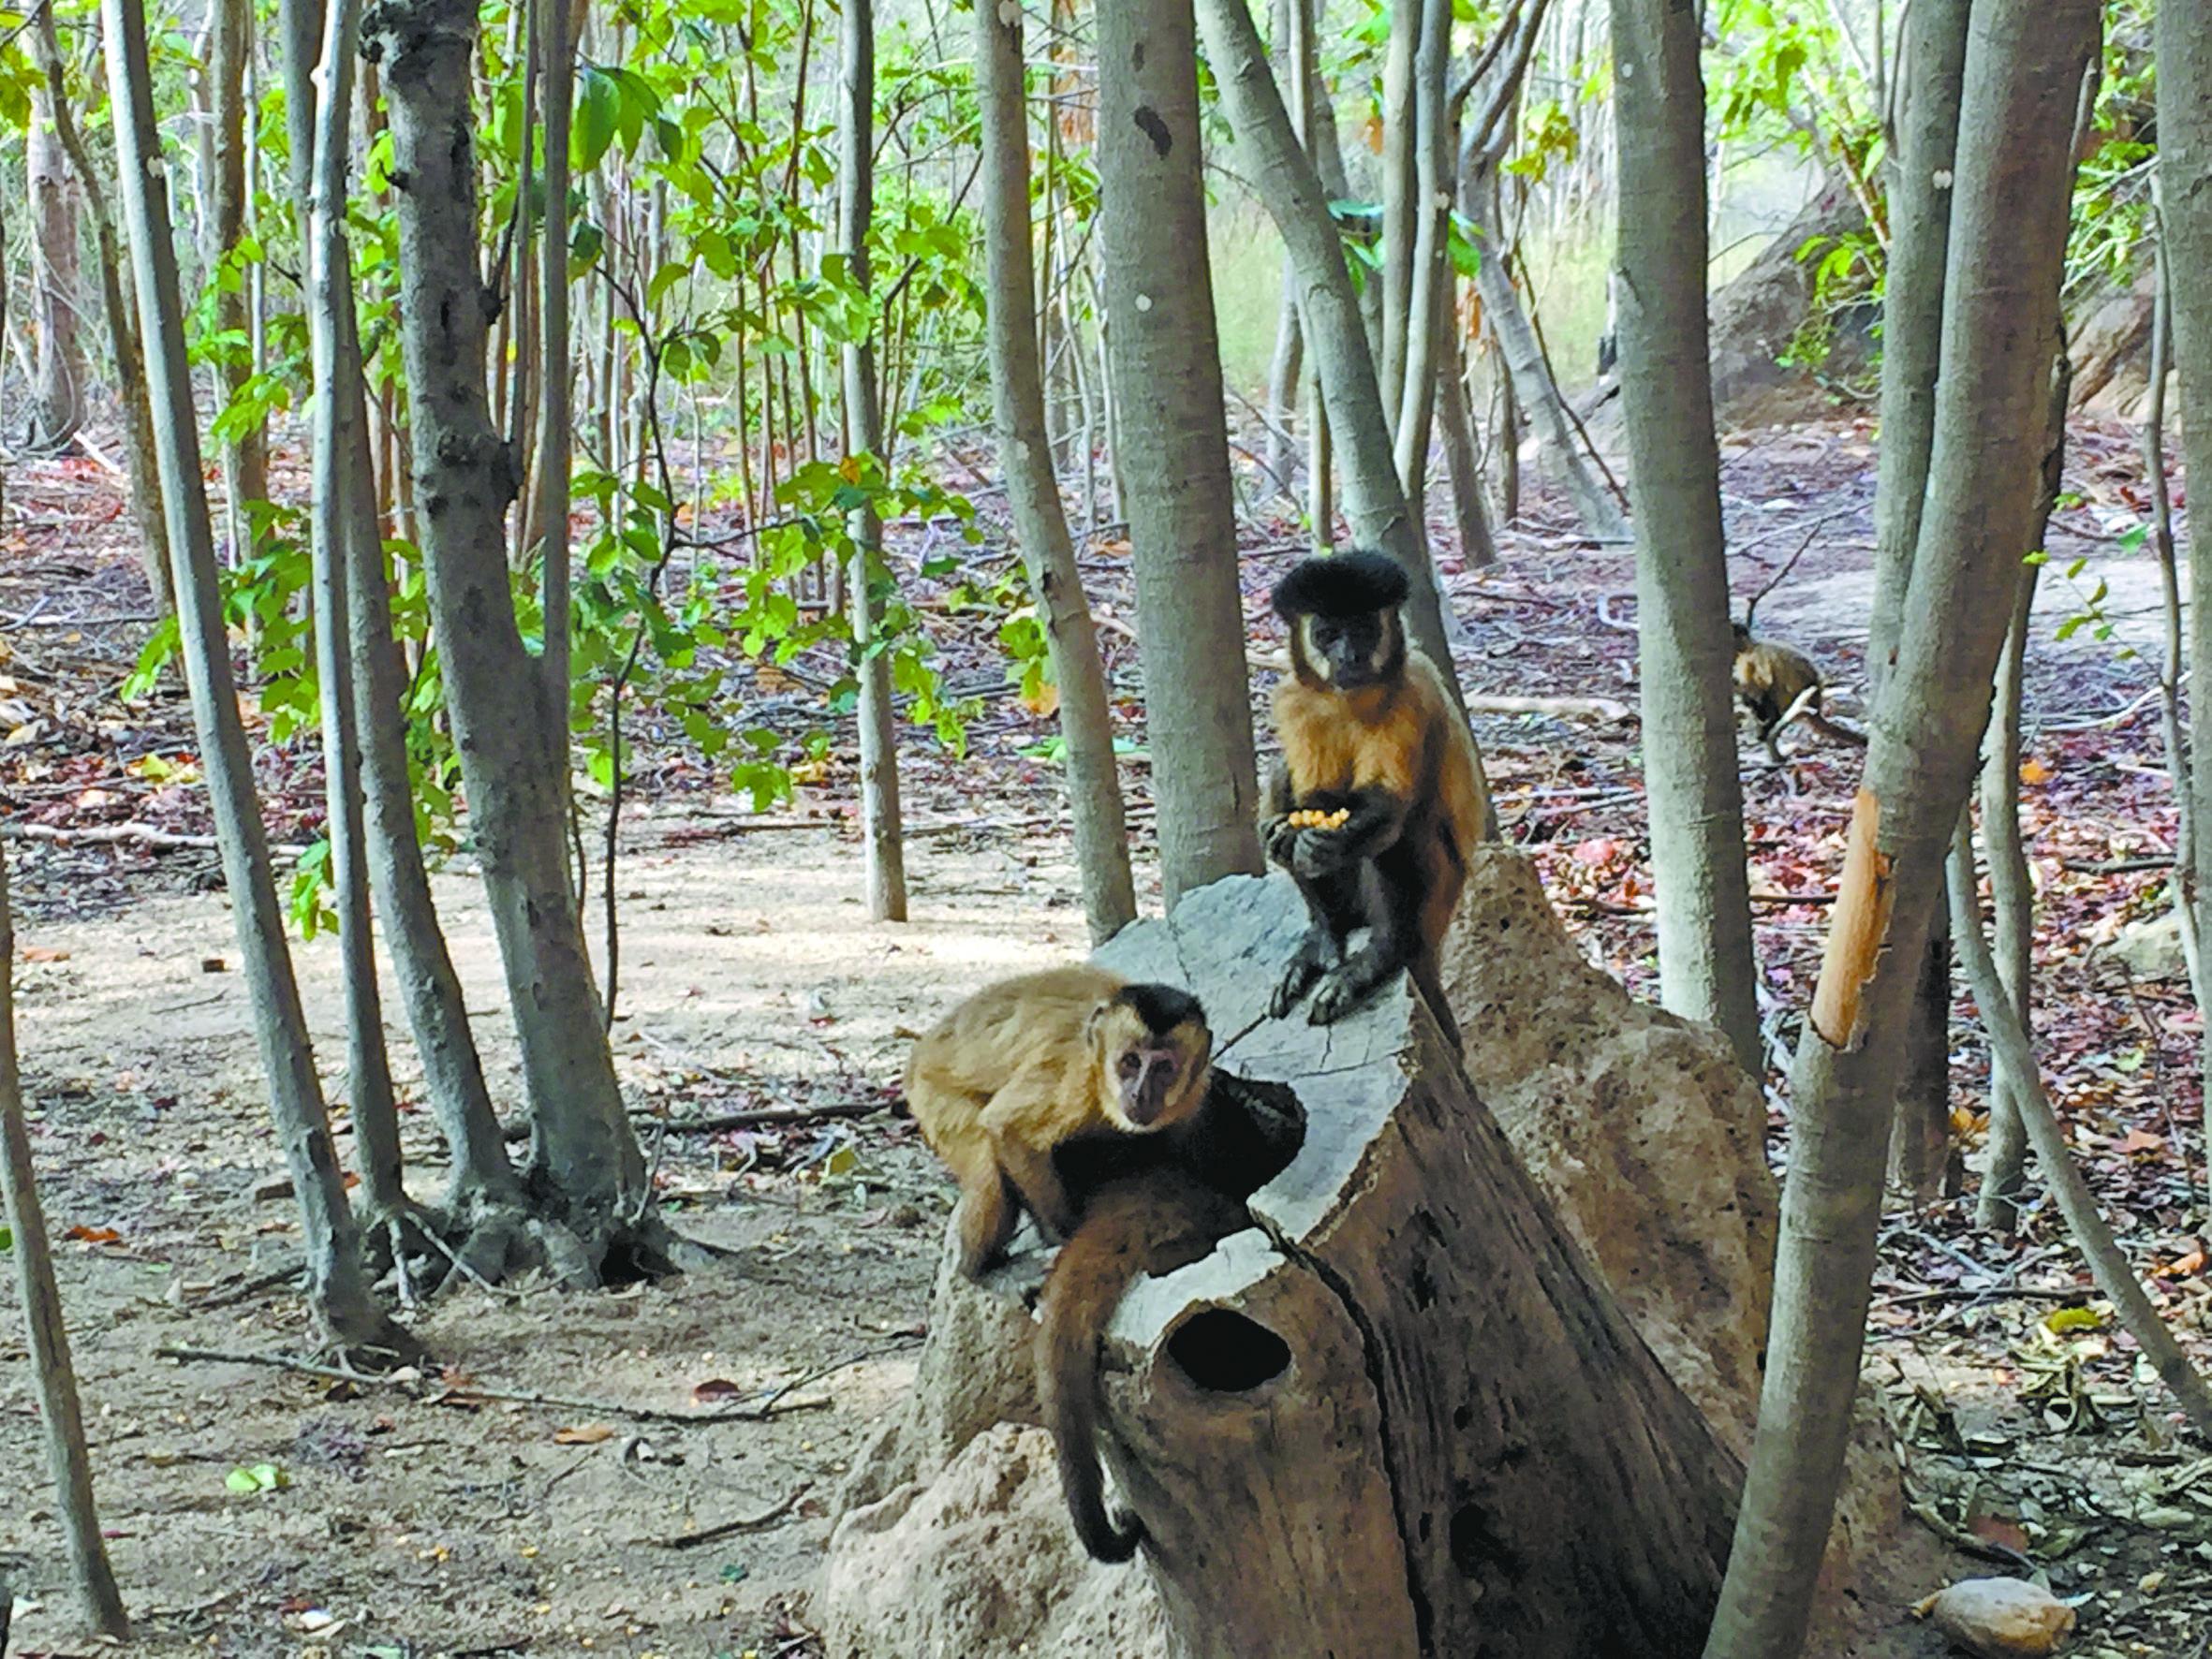 Pesquisadores da USP estudam macacos-pregos que vivem na região | Divulgação